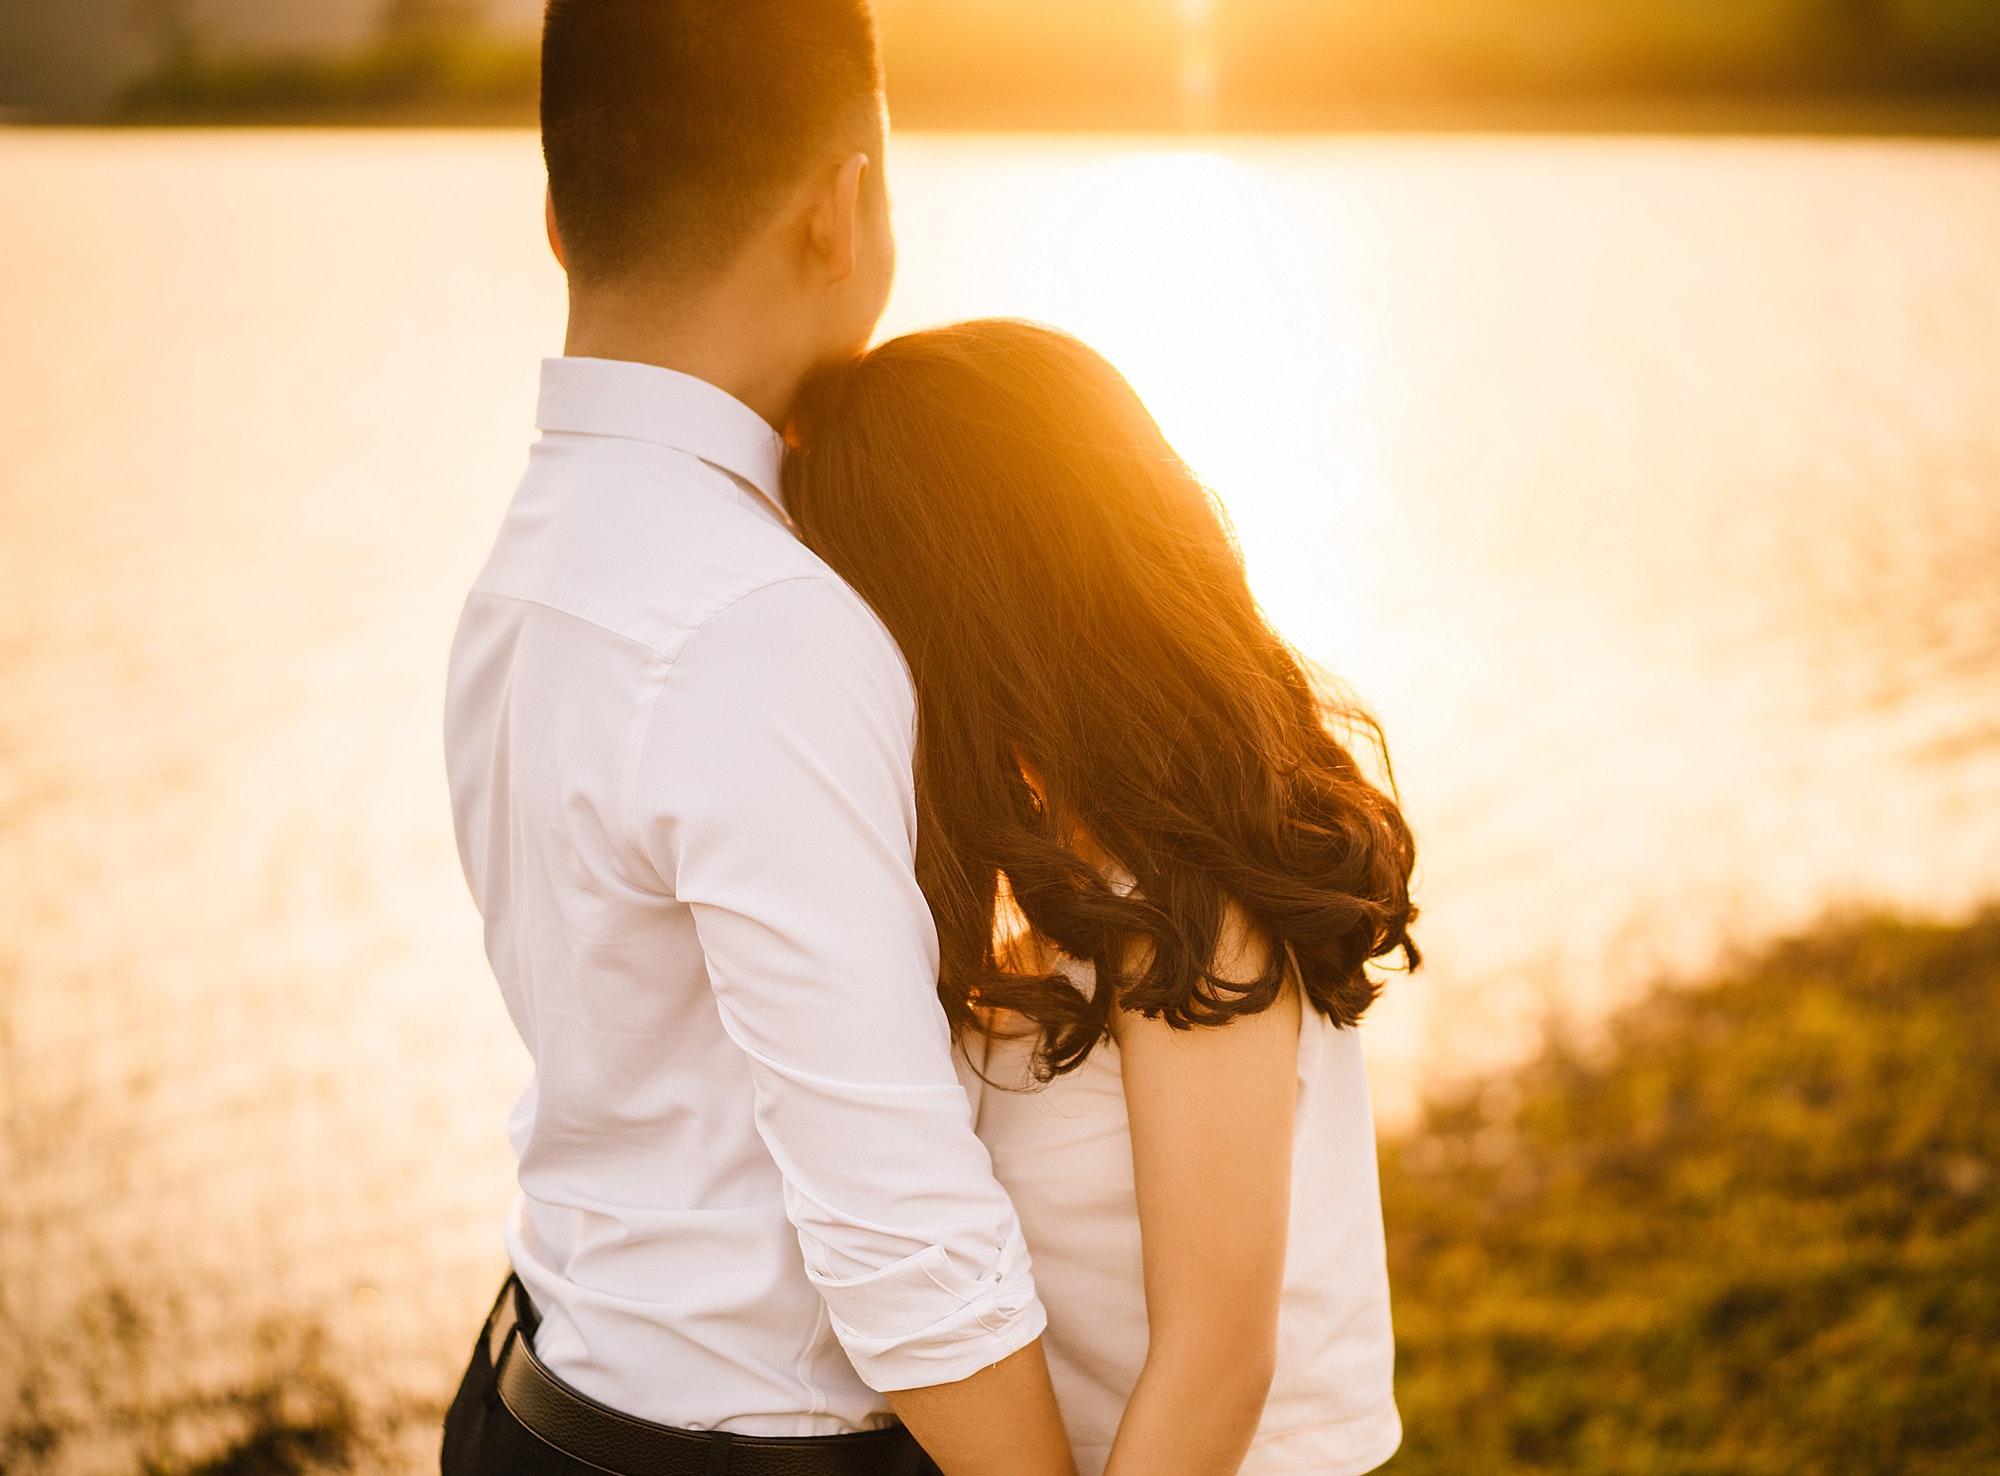 Sống chung với chồng vô tâm, điều duy nhất phụ nữ nên làm là... - Ảnh 4